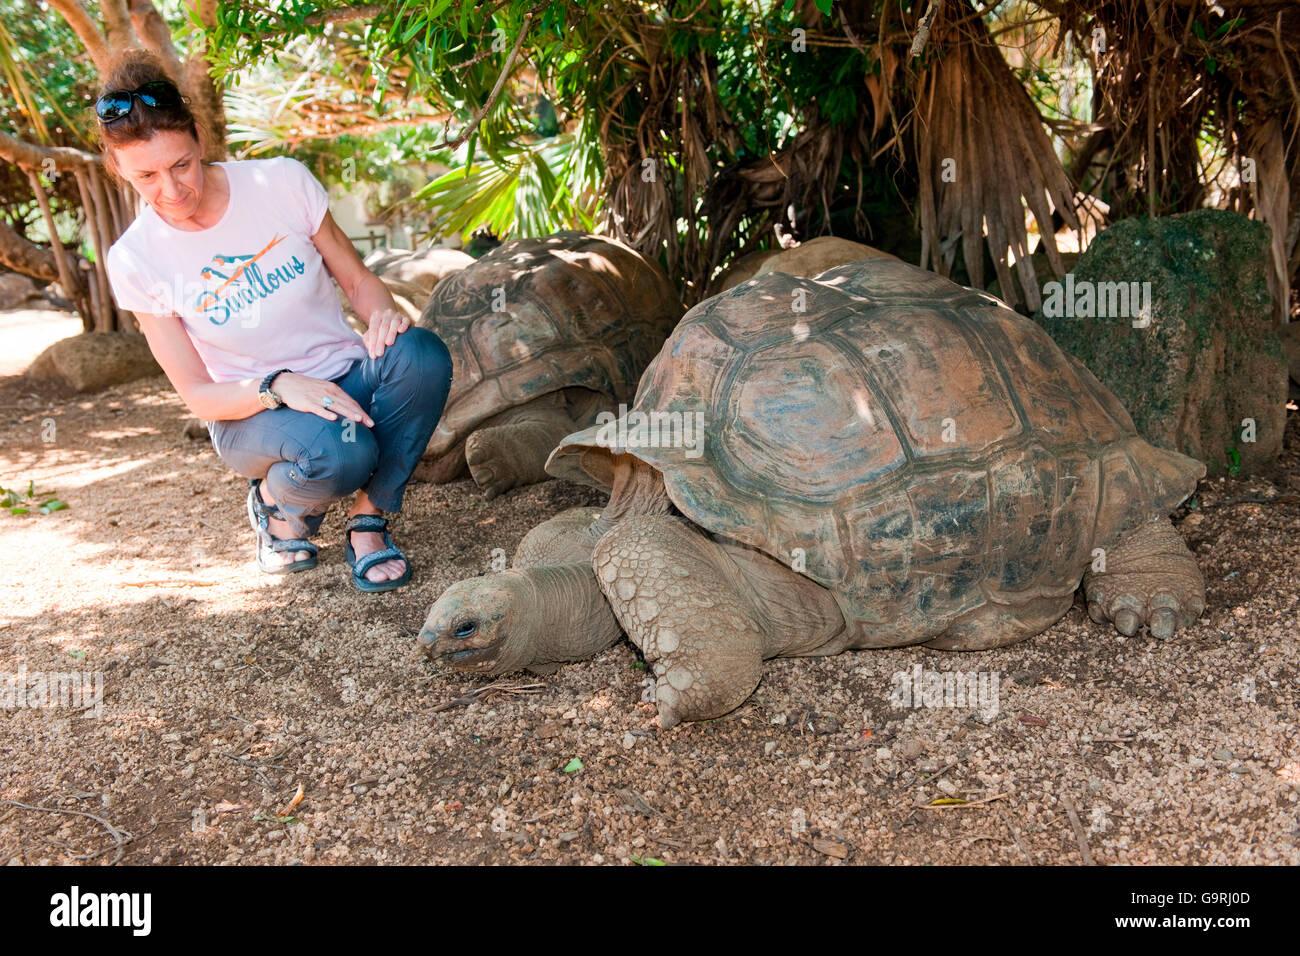 Aldabra tortuga gigante, el apareamiento, Mauricio, África, el Océano Índico / (Aldabrachelys gigantea) Imagen De Stock